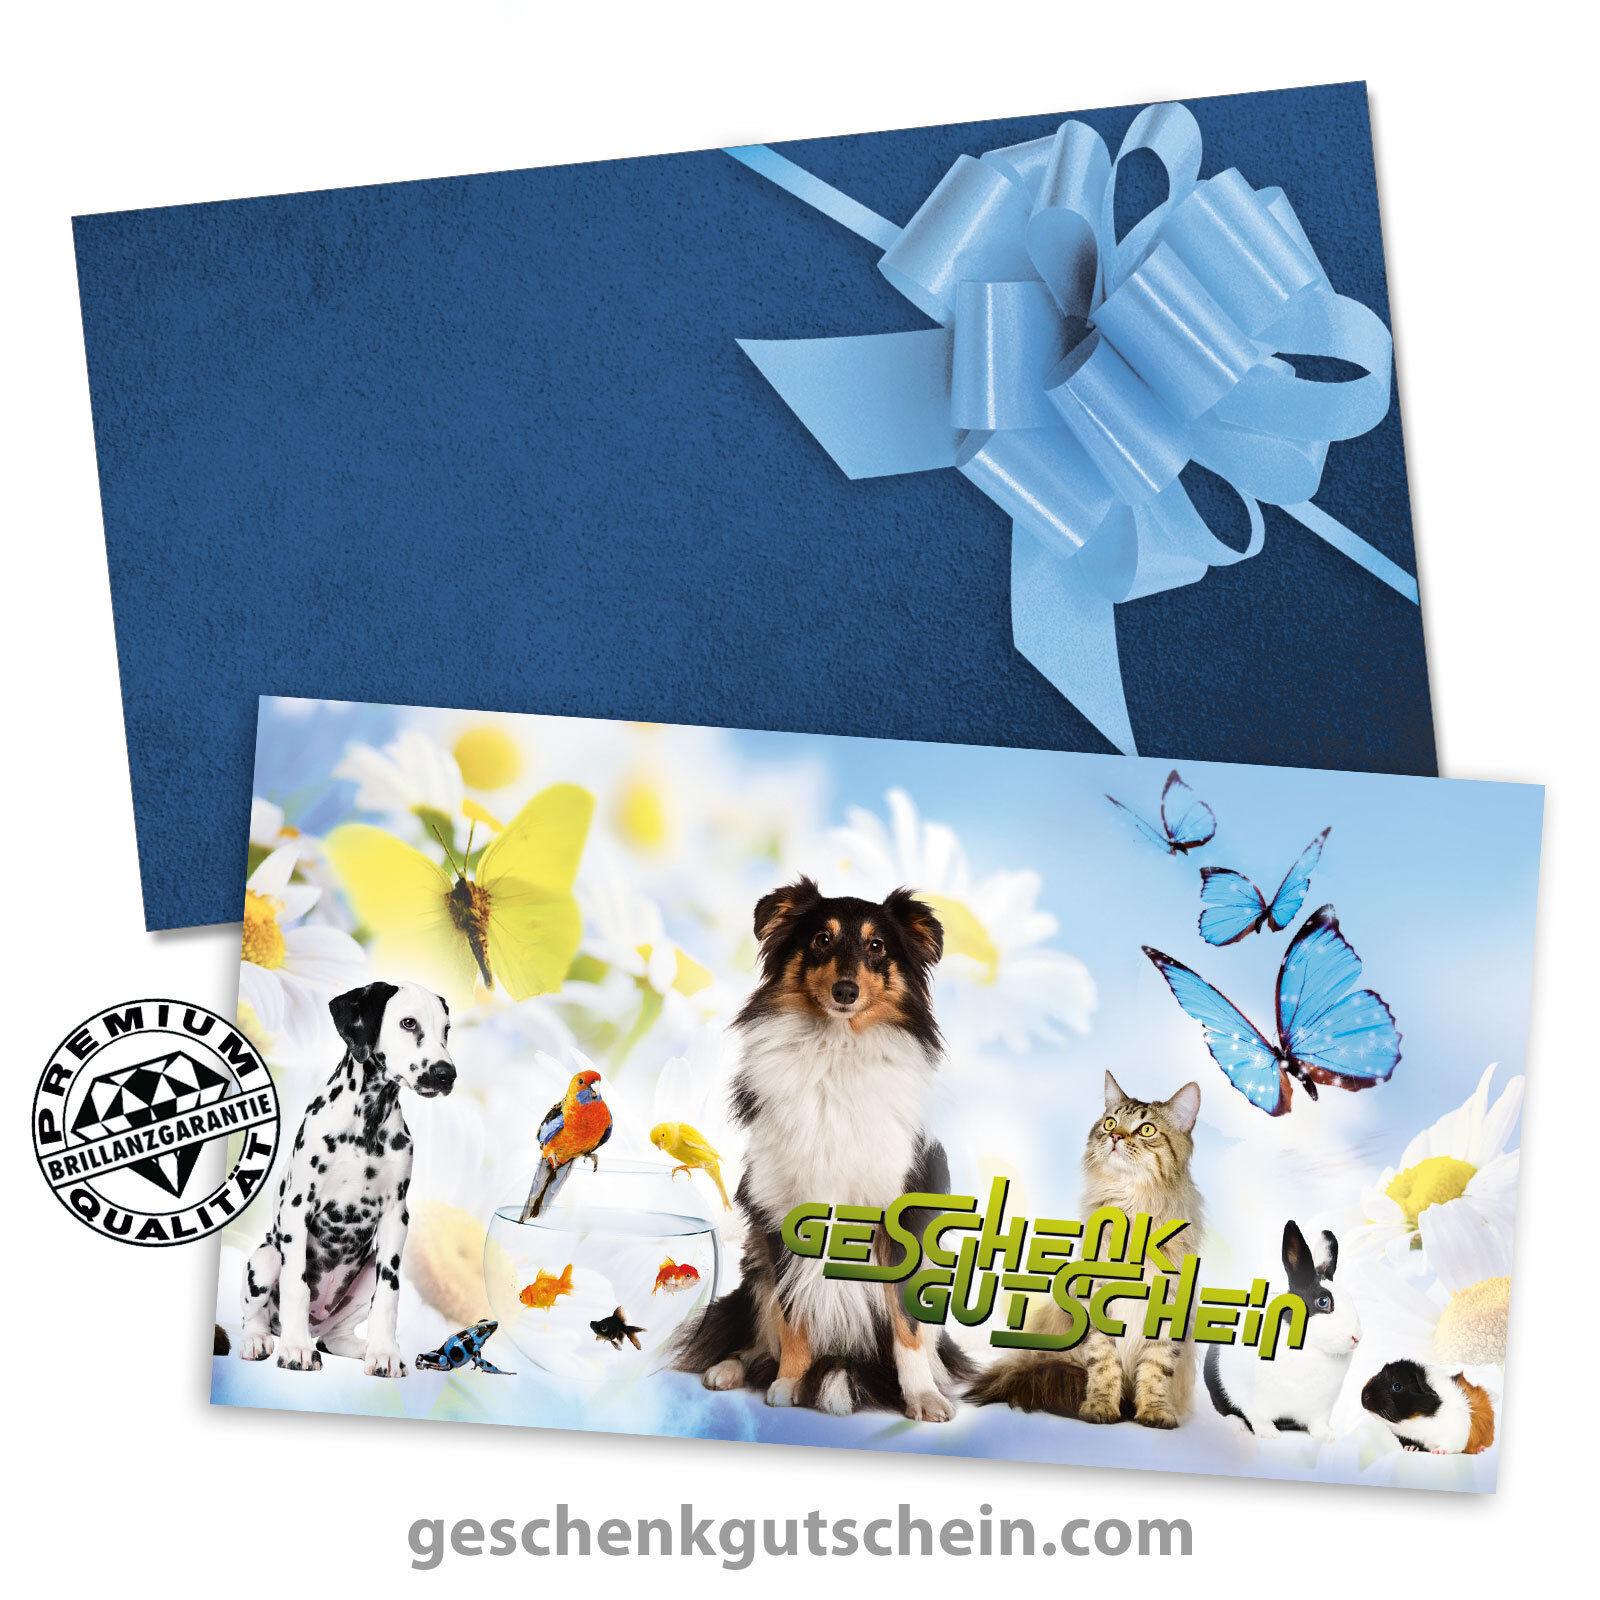 Gutscheinkarten mit KuGrüns und Schleifen für Zoofachhandel, Tierarzt ZH1222